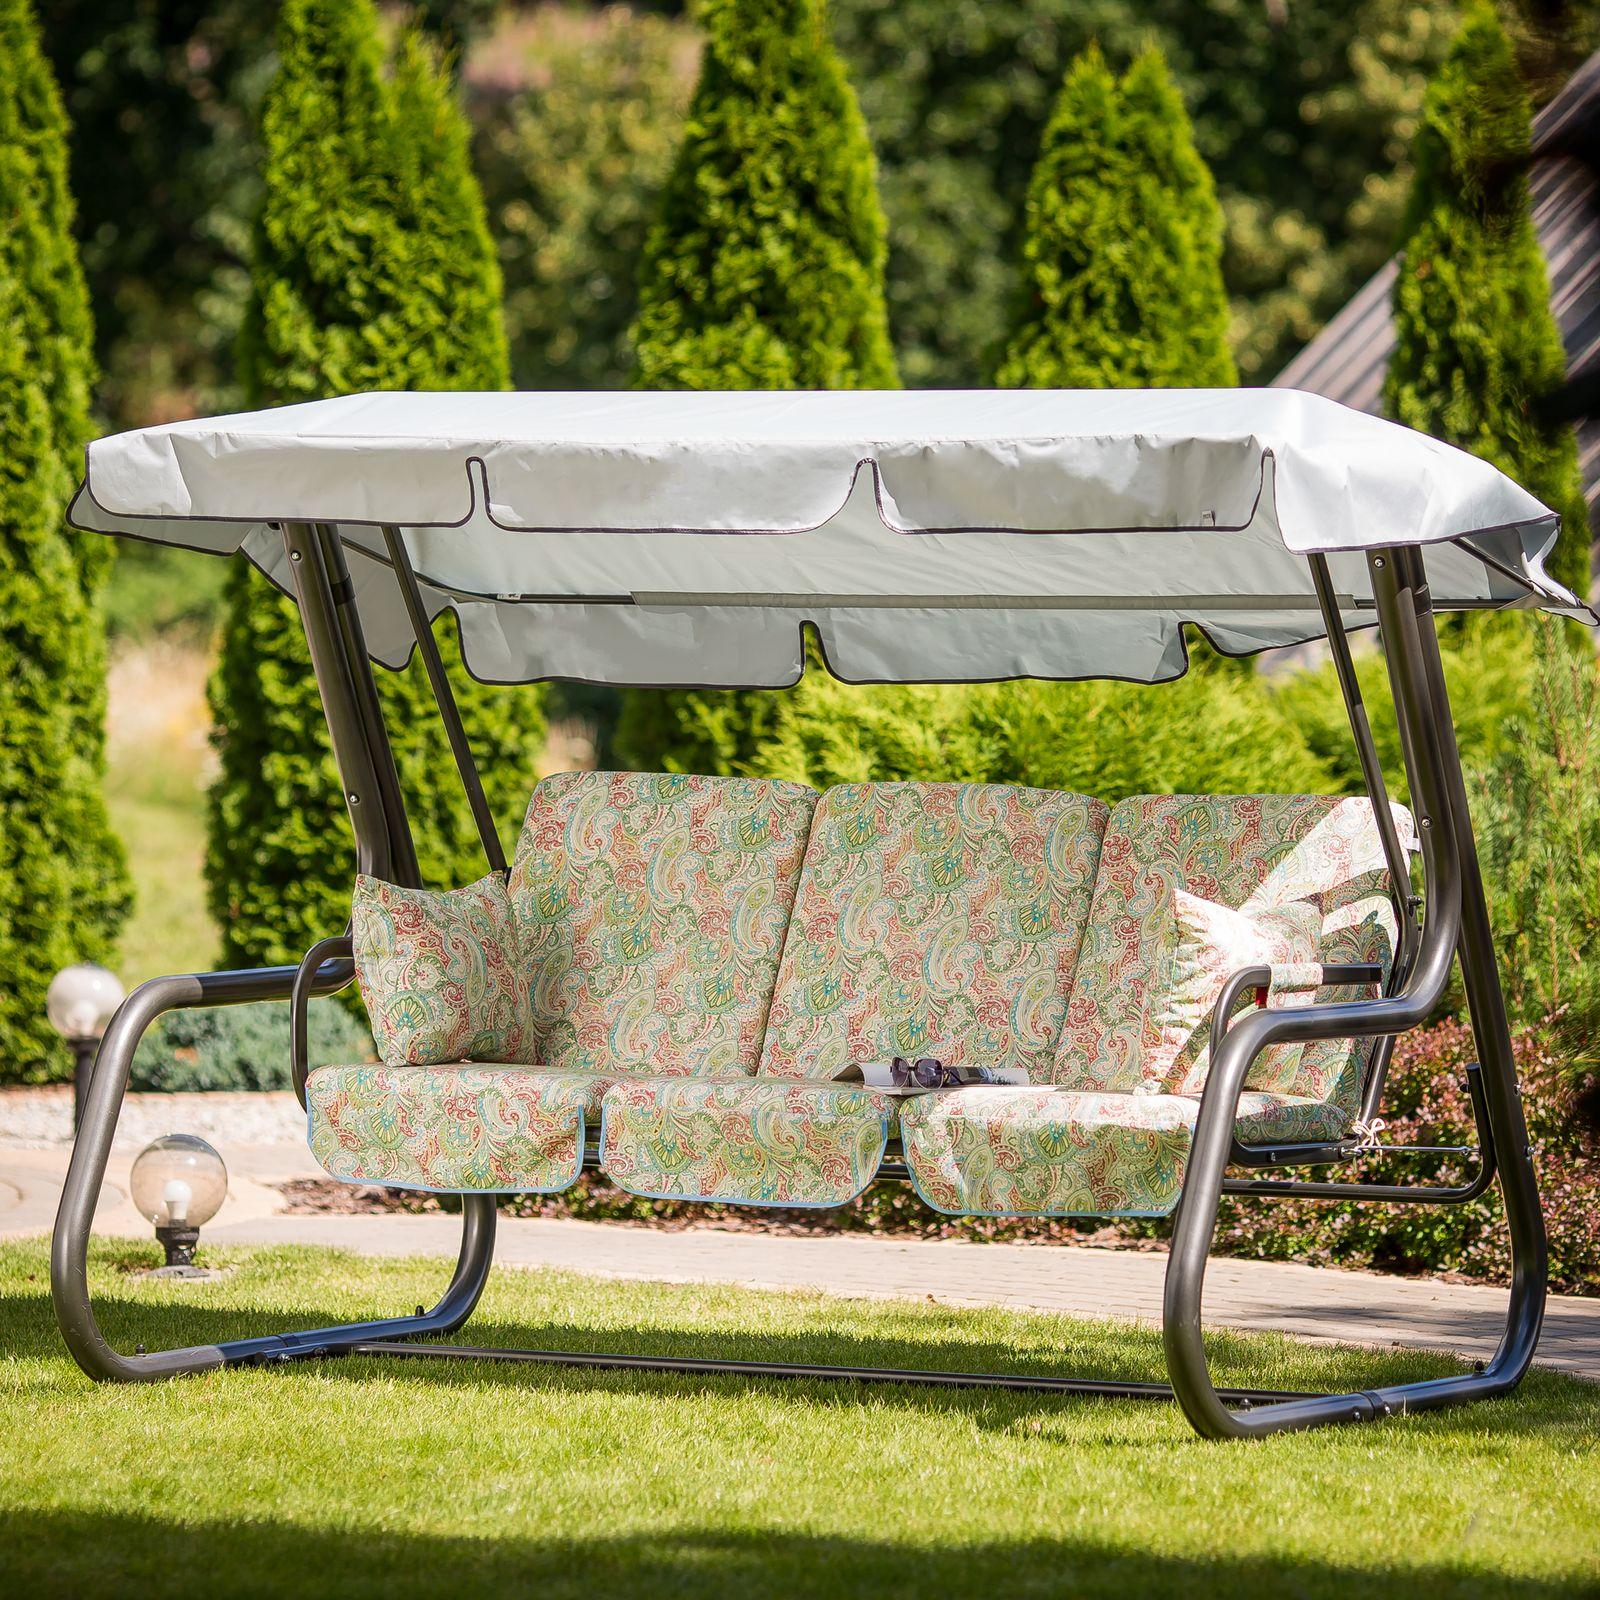 Poduszki na huśtawkę 180 cm z zamkami Rimini / Venezia Lux G038-12LB PATIO